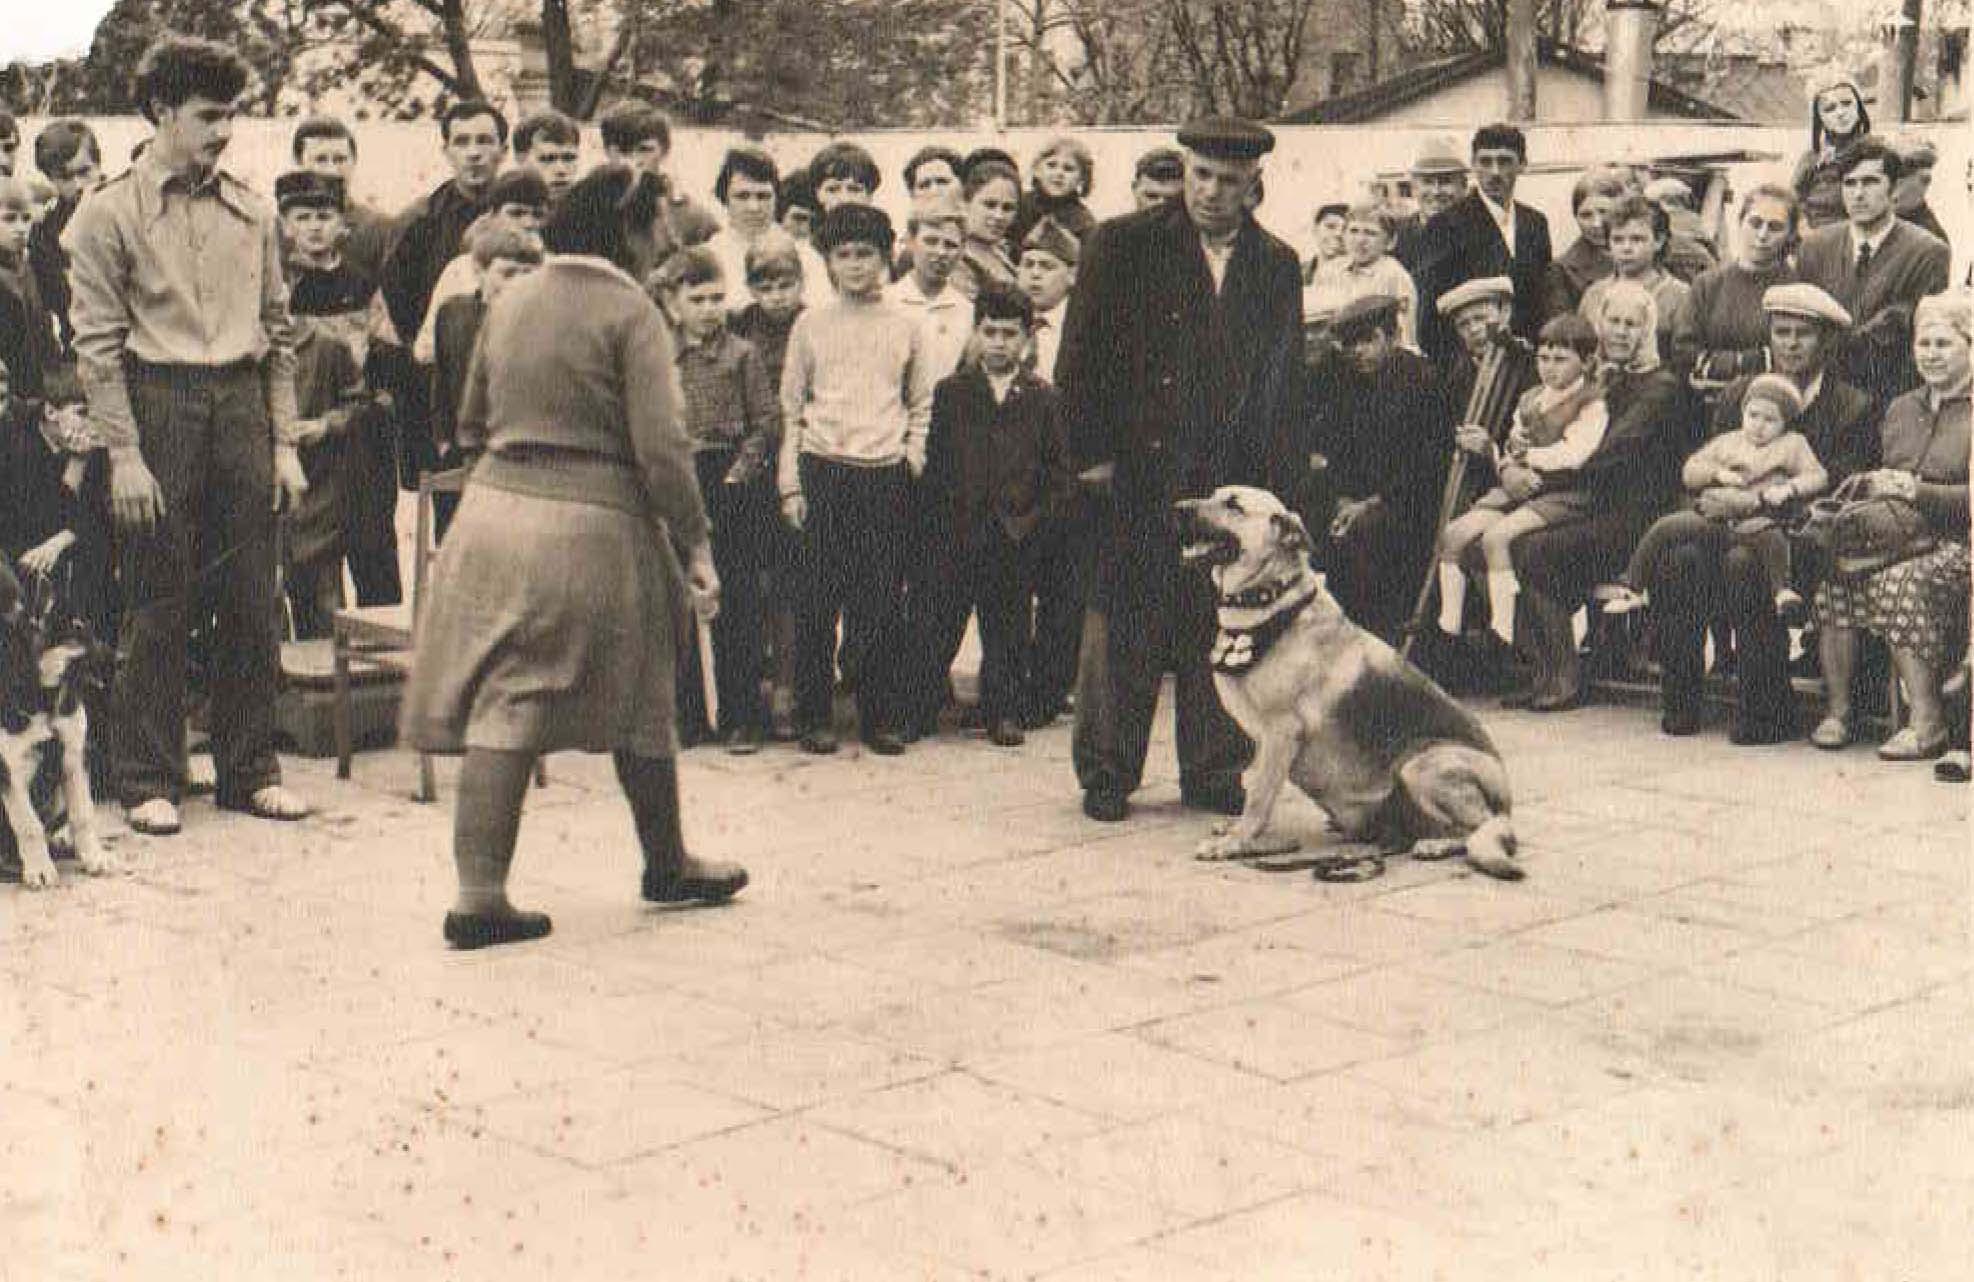 Показательные выступления в городском парке. Супруги Шаврей с ВЕО Гроза. 1970 год.